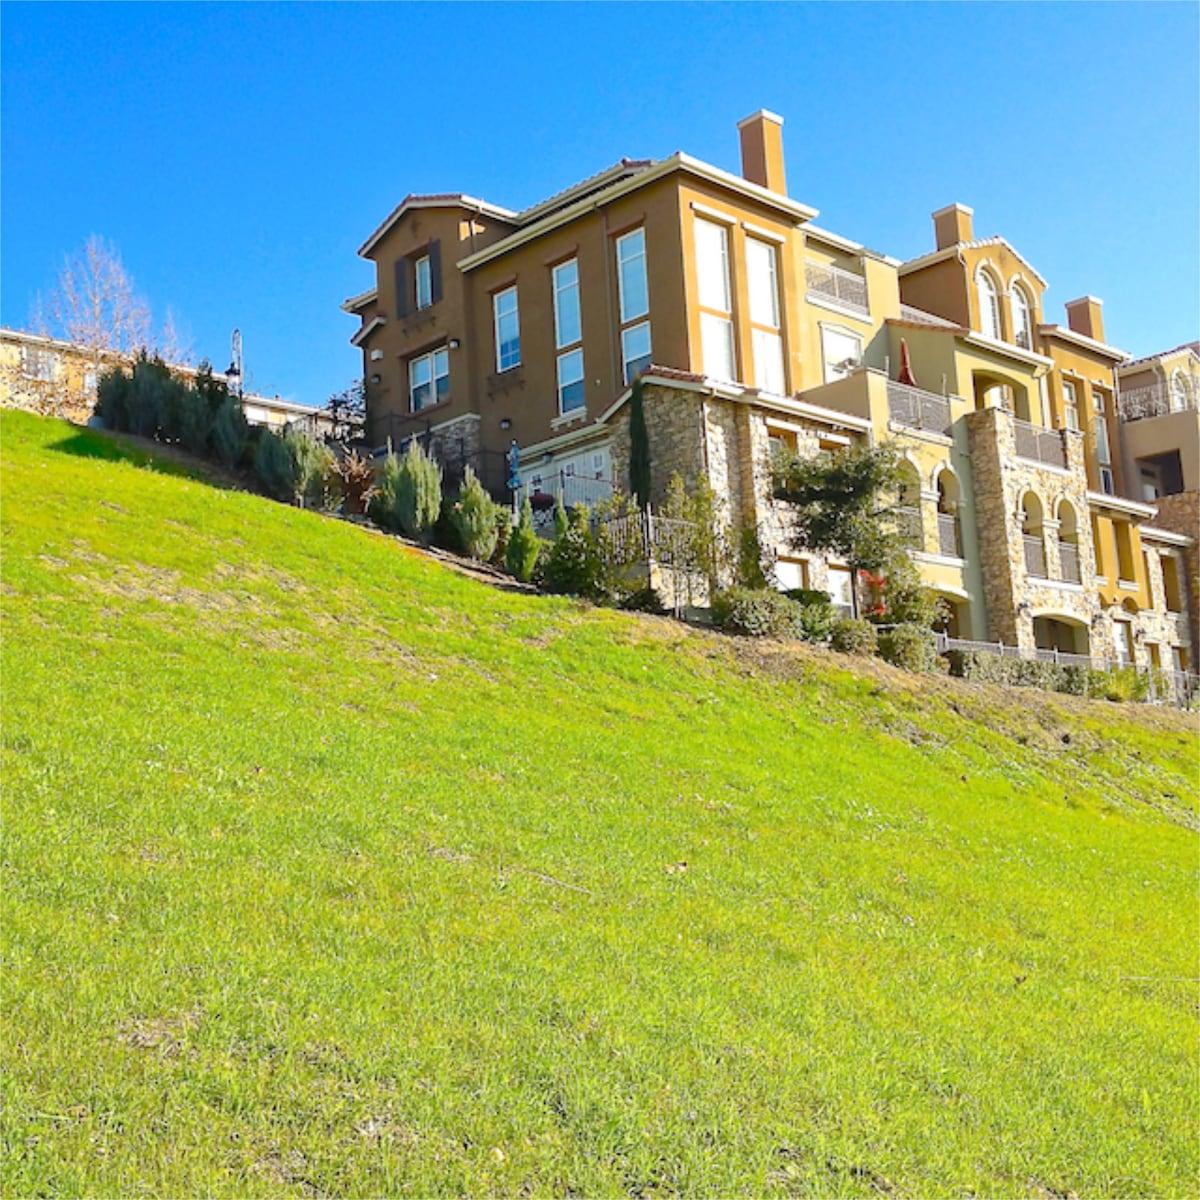 Cortona Hilltop Executive Suite at Tuscany Hilltop Unit